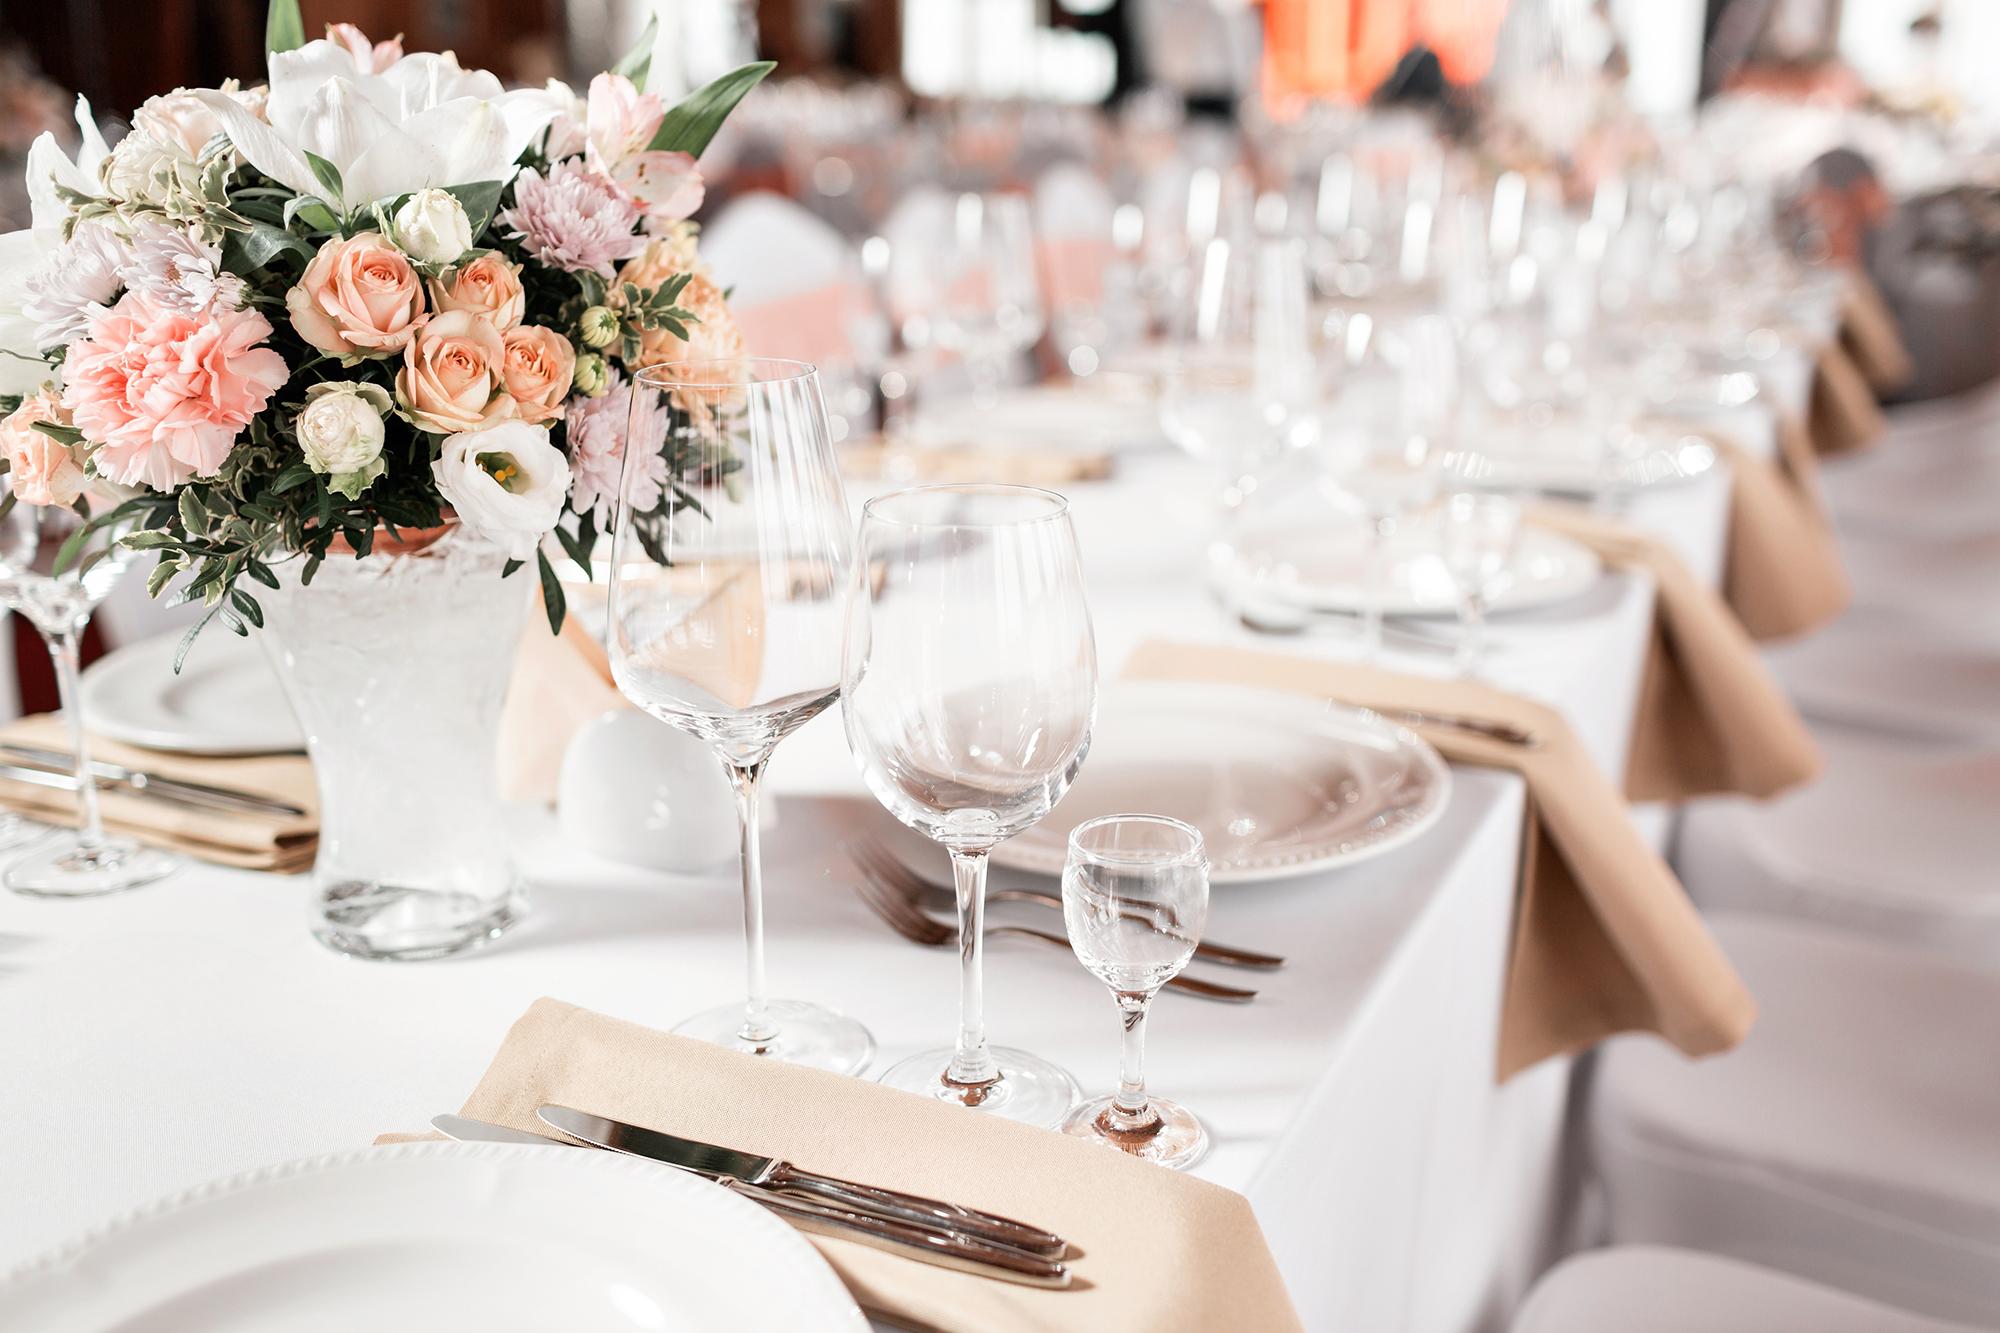 Checkliste So Gelingt Ihre Hochzeitsfeier Im Restaurant Garantiert